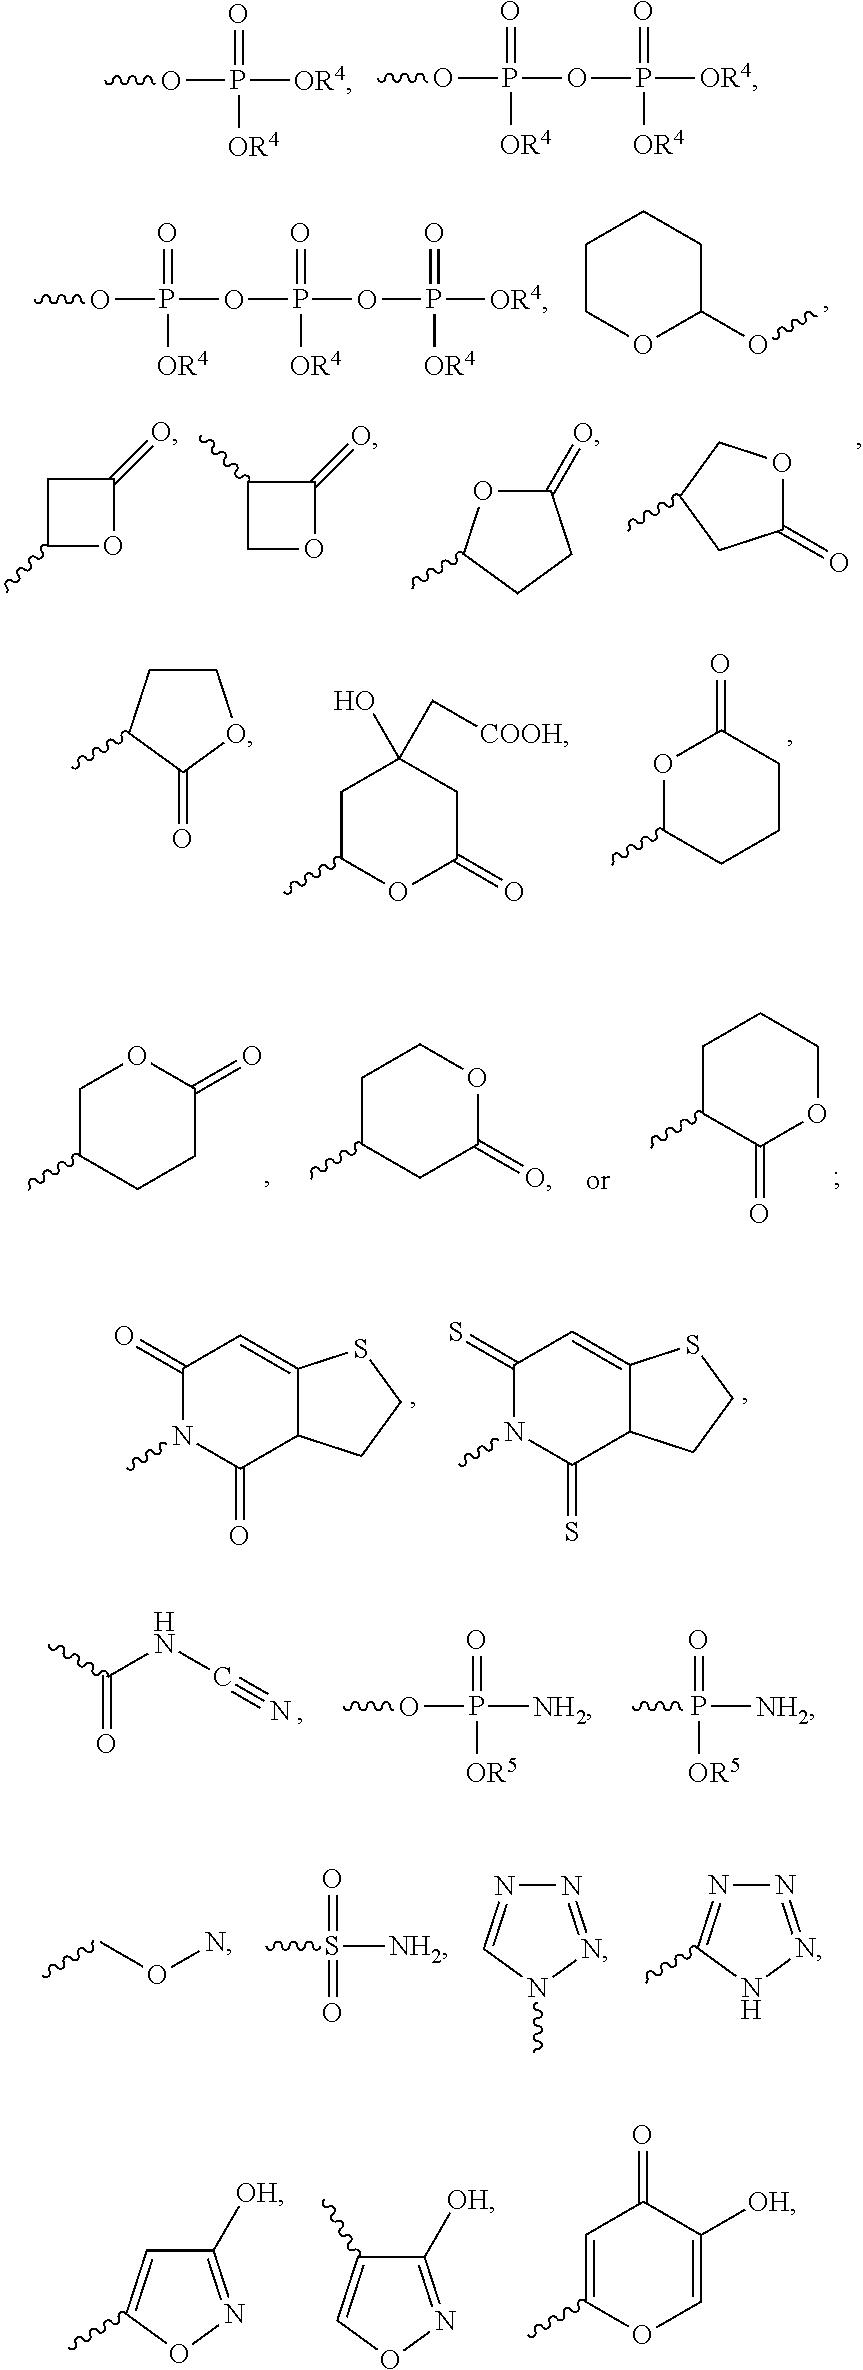 Figure US09855240-20180102-C00002